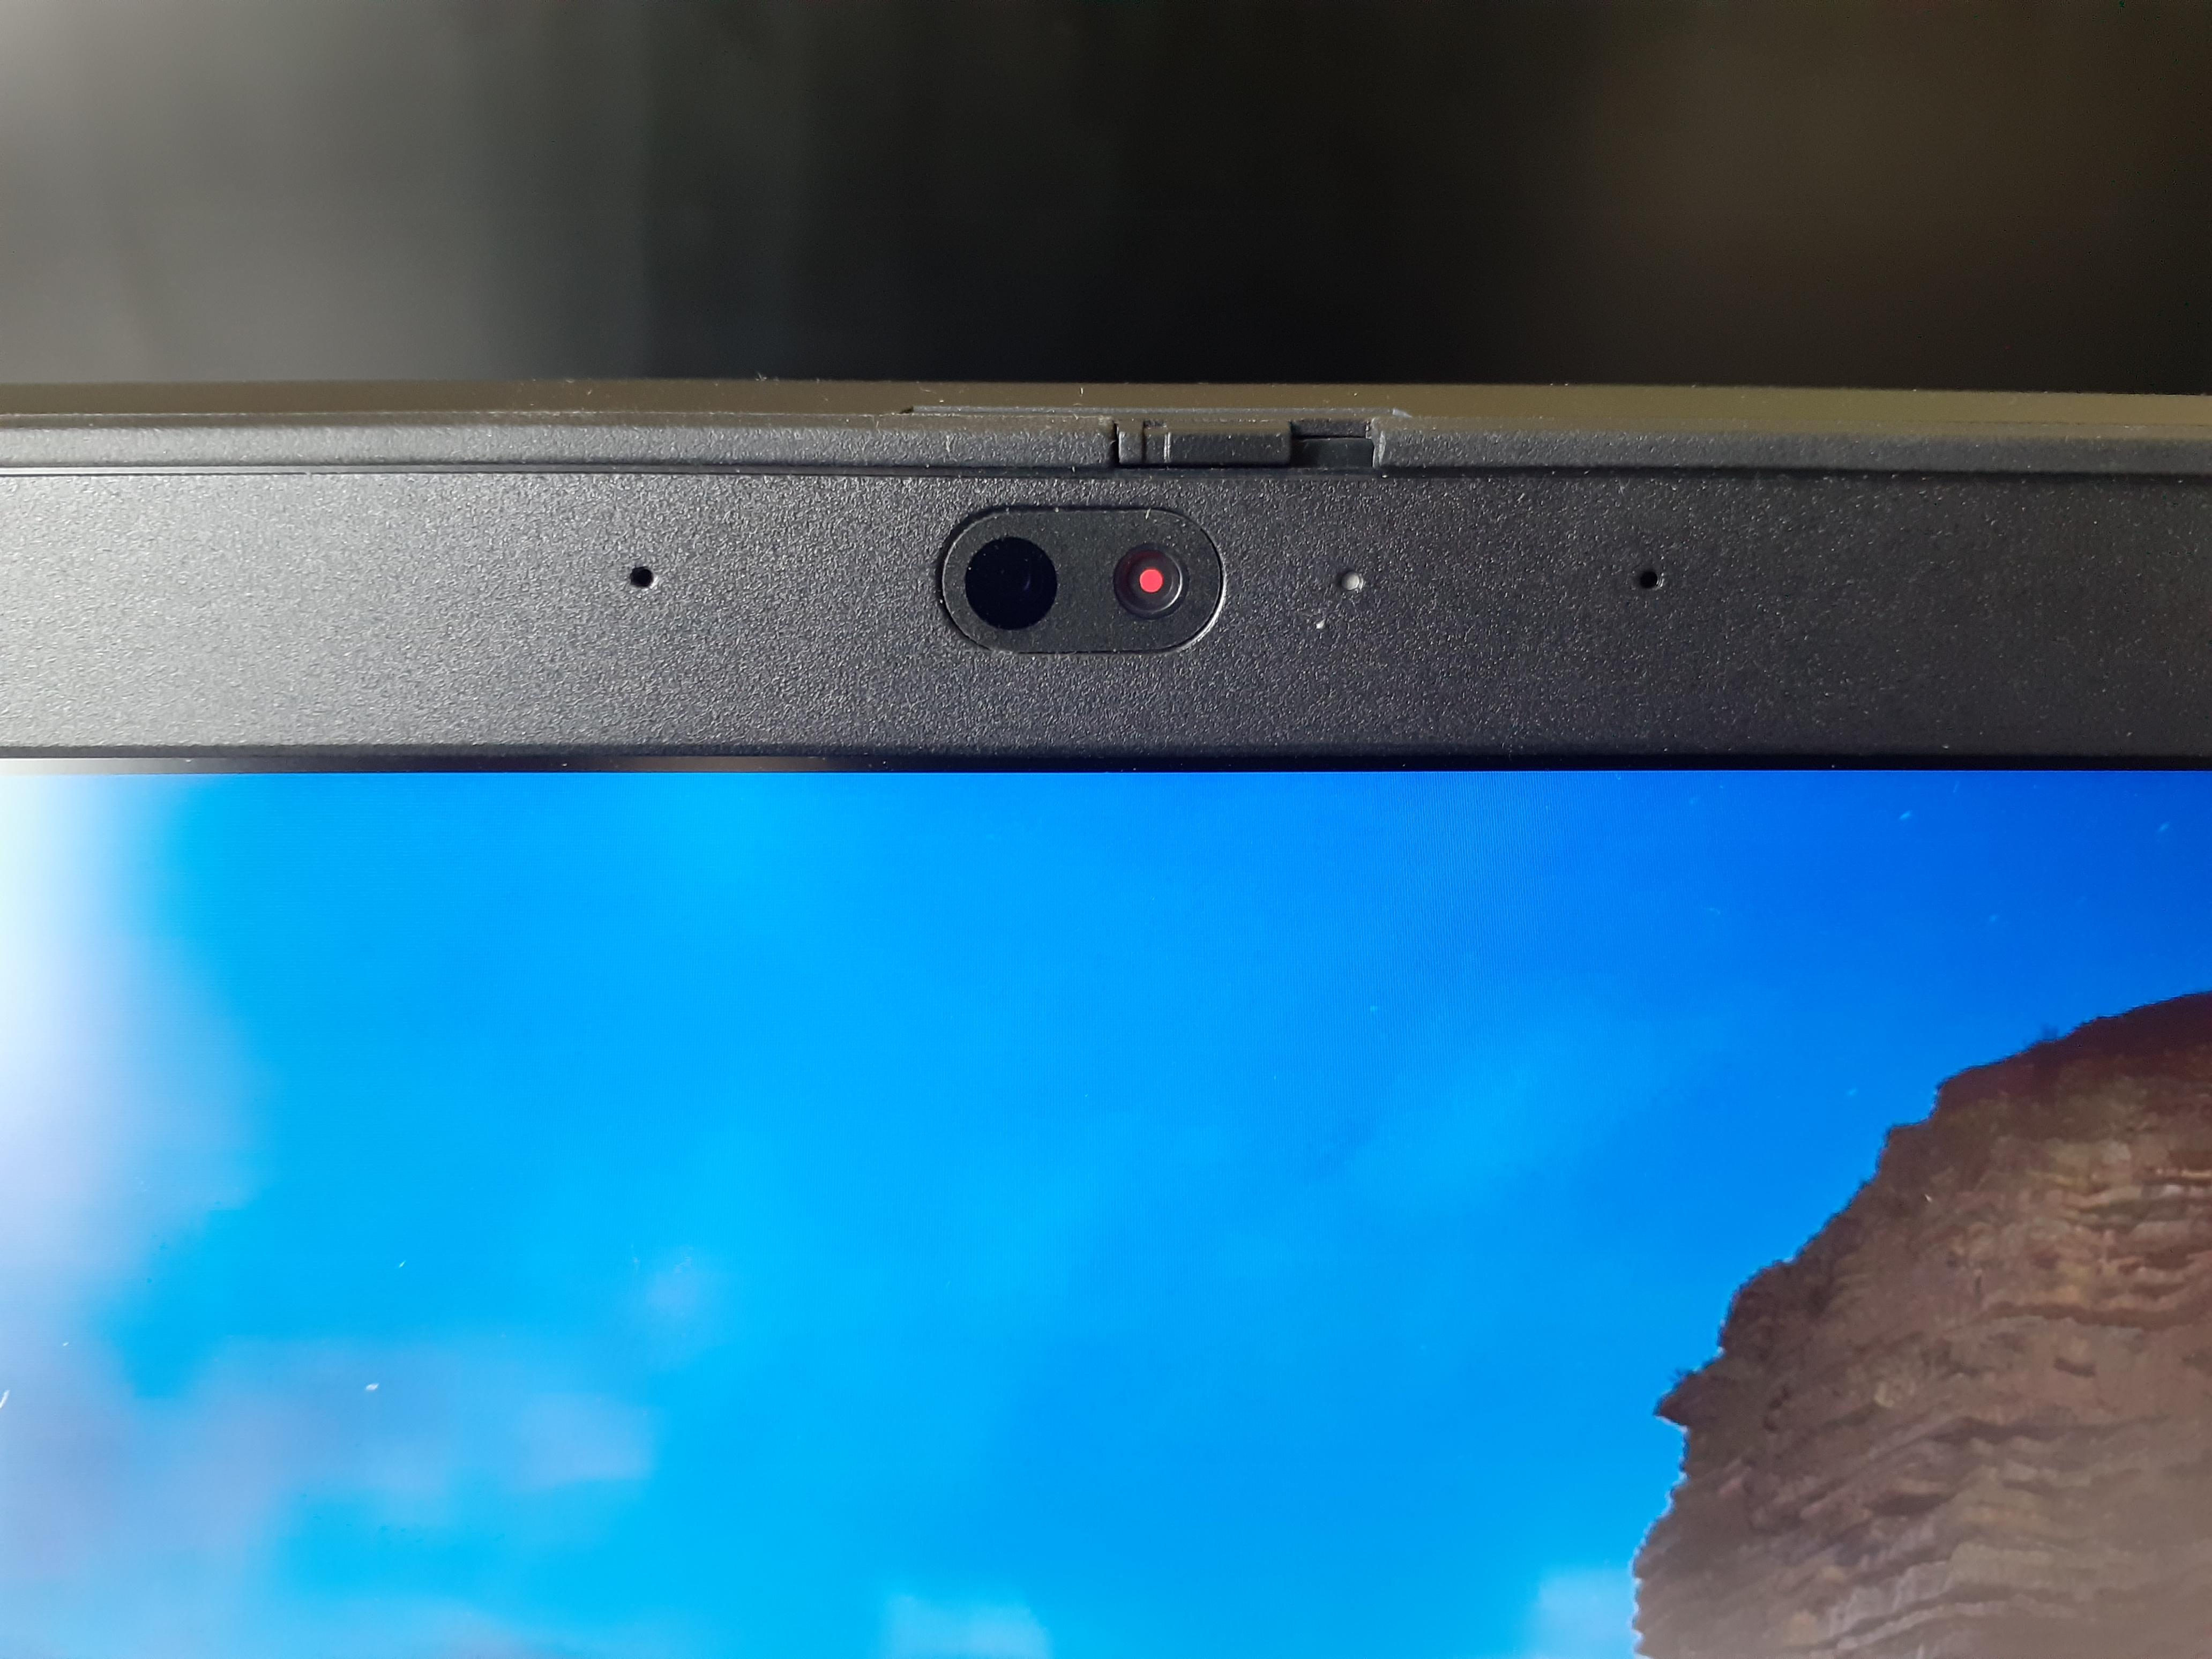 Ноутбук для роботи із посиленим захистом: огляд Lenovo ThinkPad T15 Gen 1